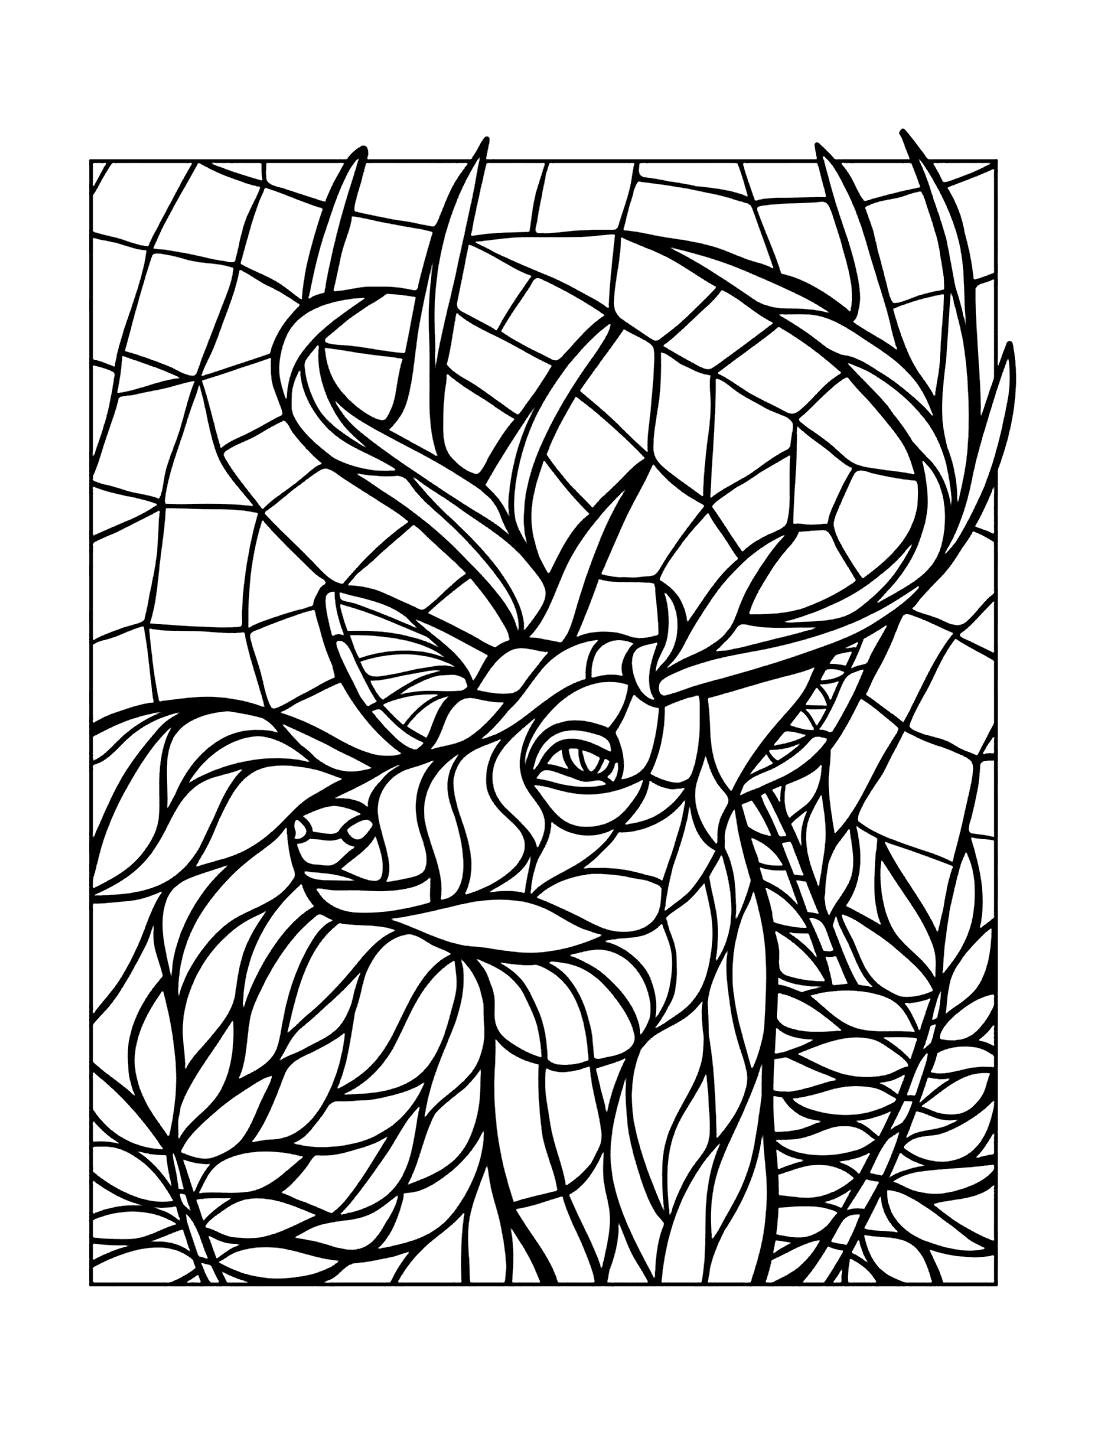 Mosaic Reindeer Coloring Page